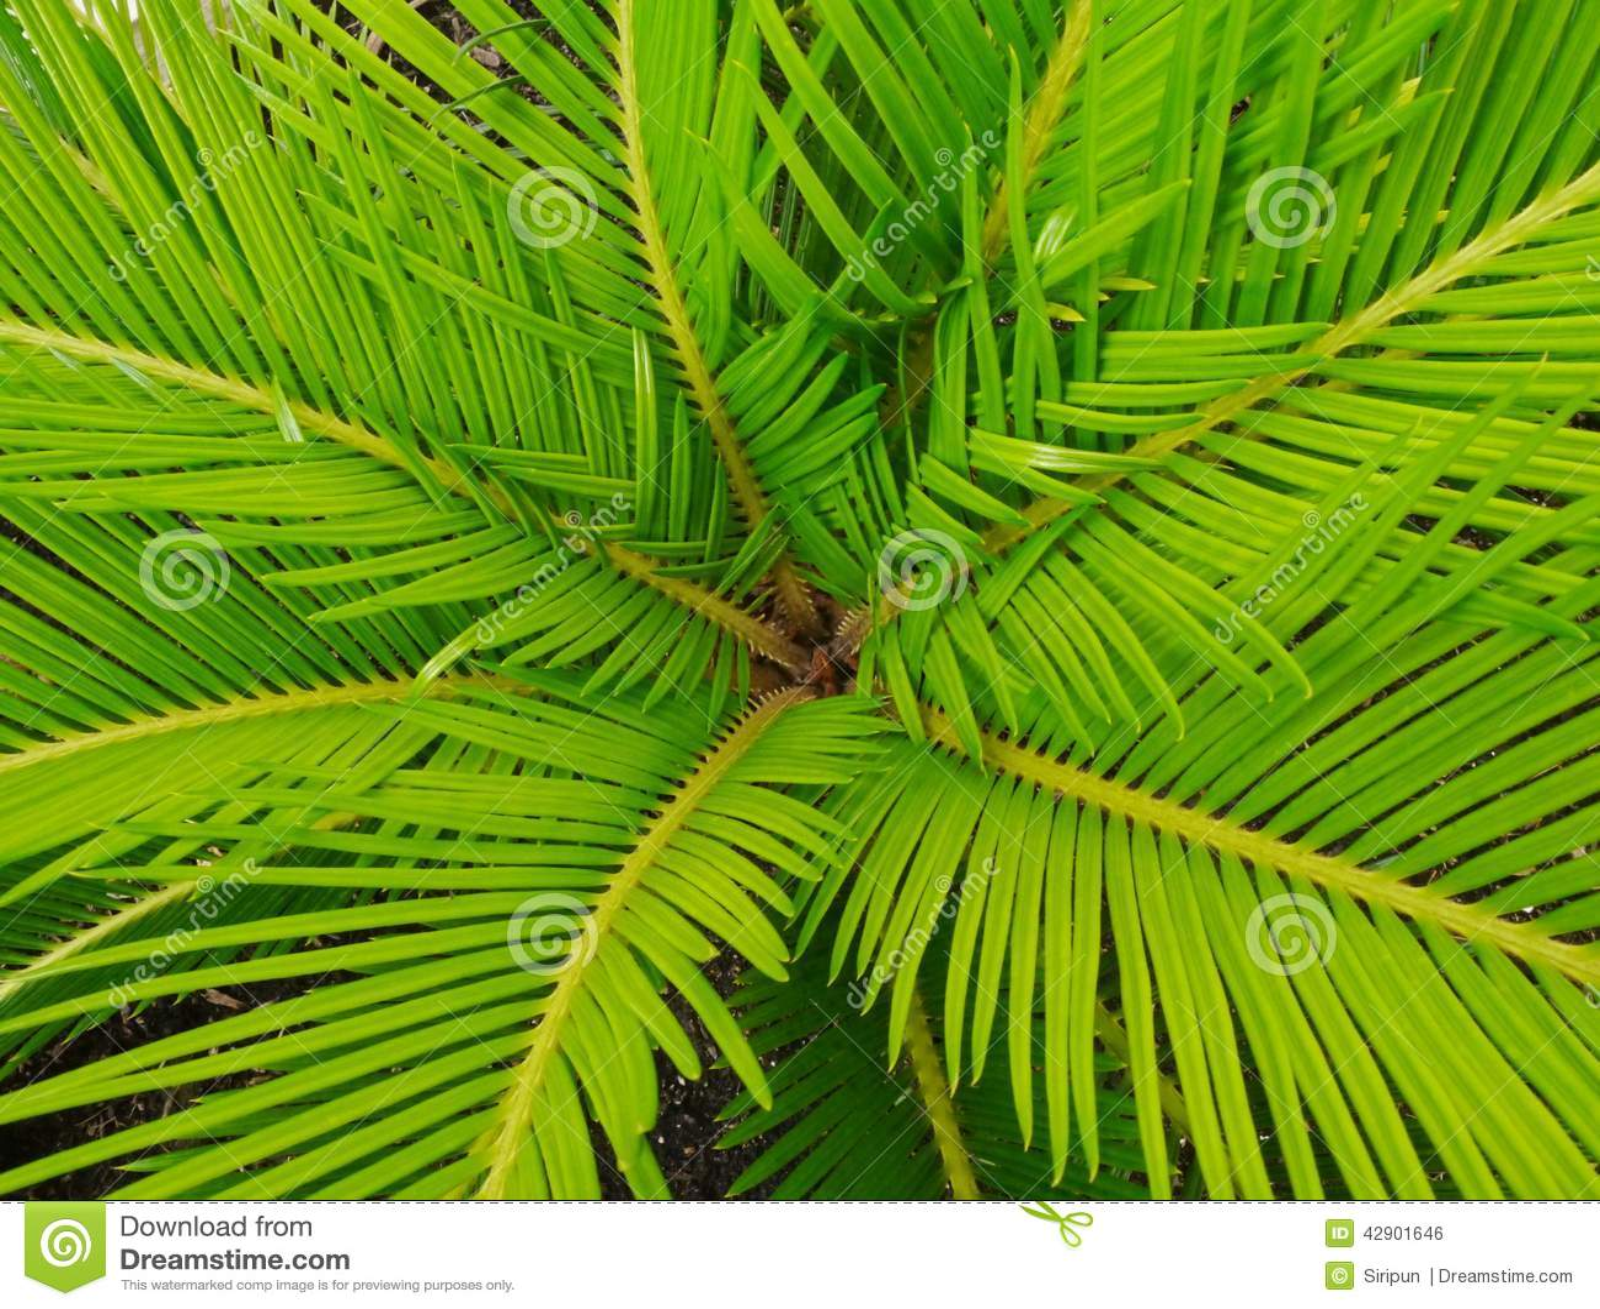 棕榈树棕榈叶叶子.图片